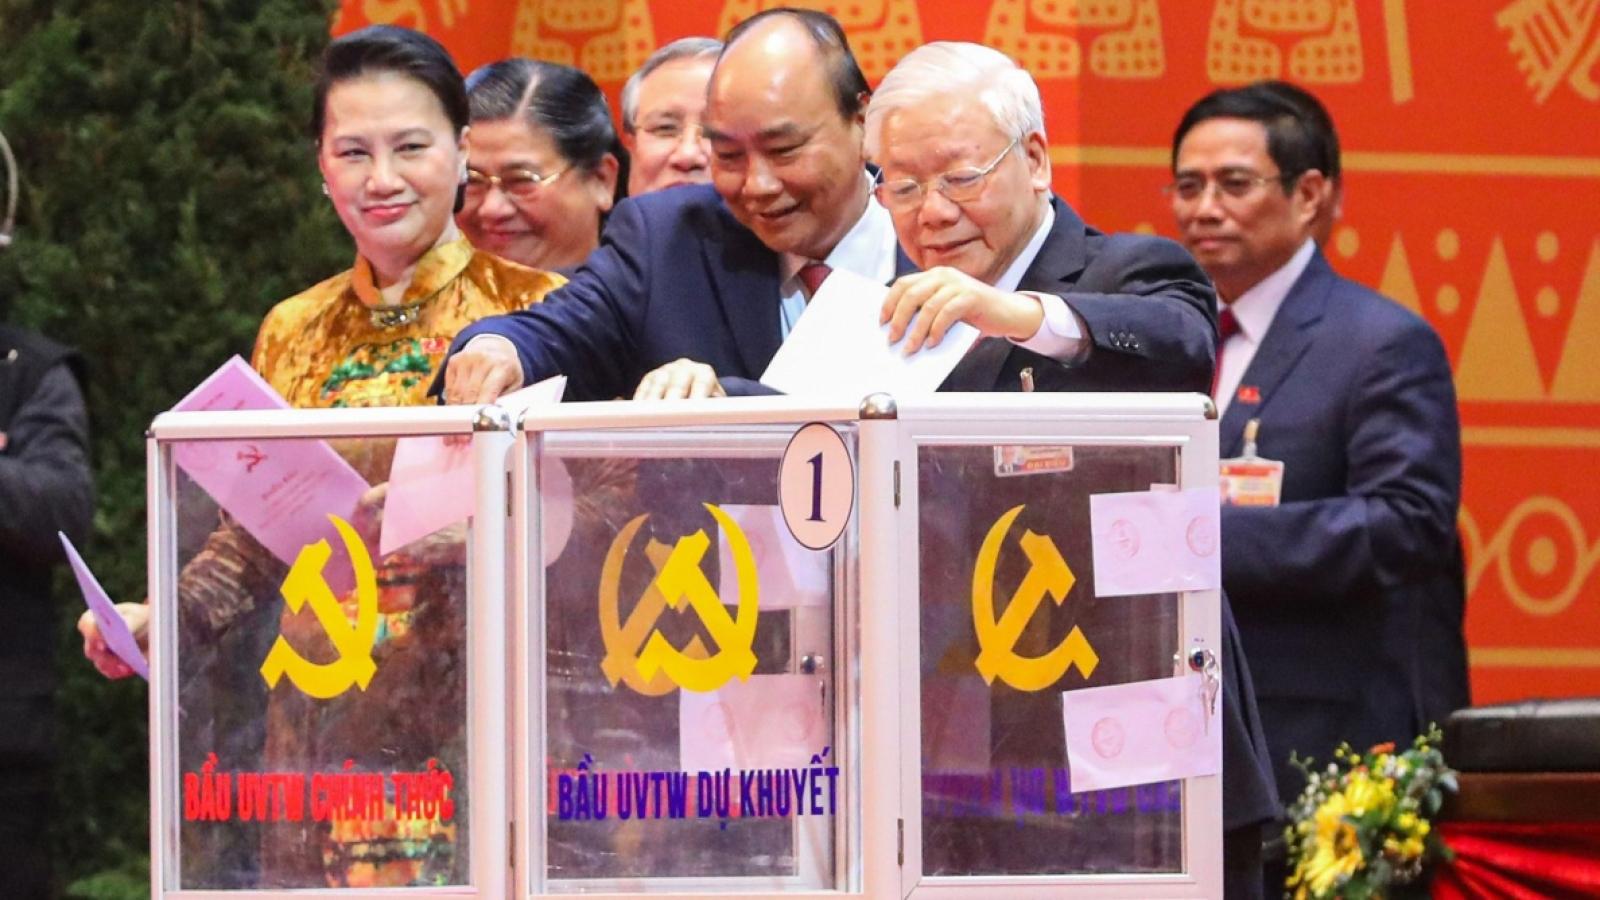 Người dân cả nước tin tưởng vào đội ngũ cán bộ lãnh đạo mới